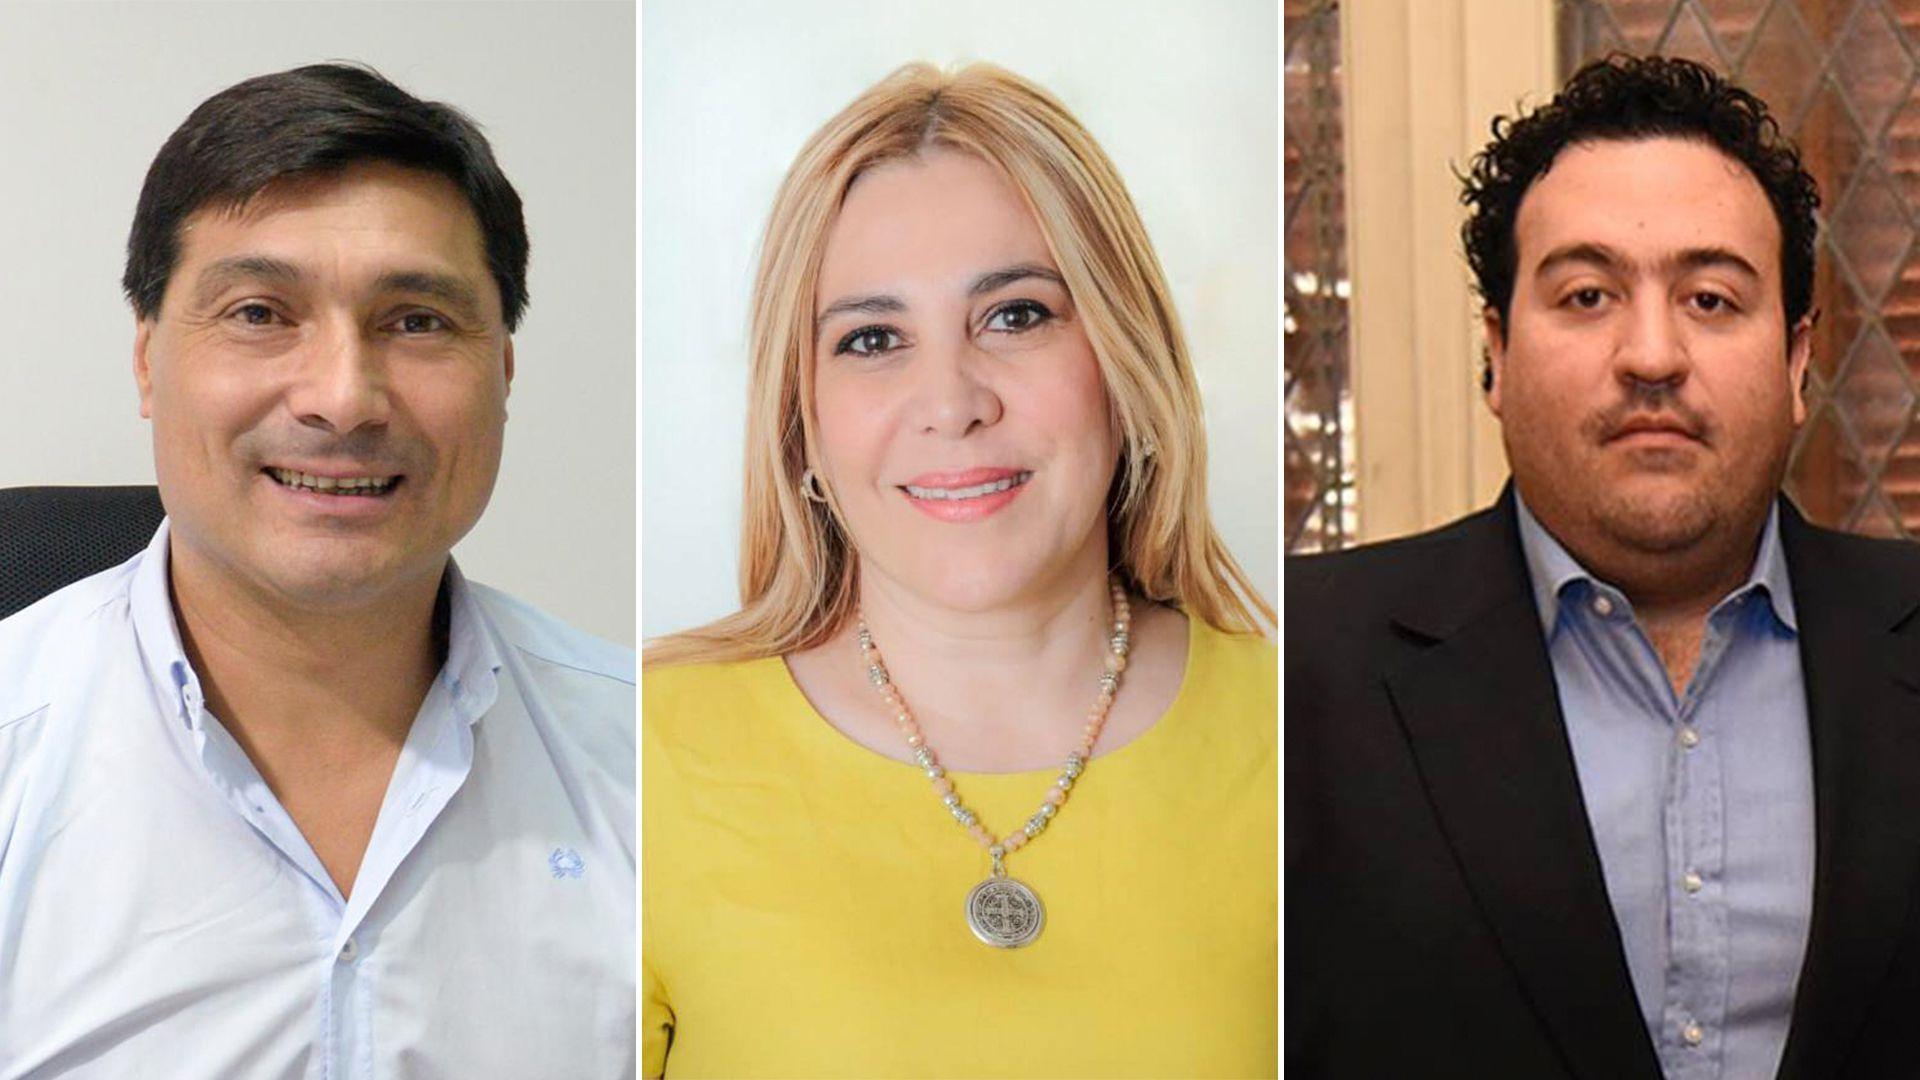 Pablo Ansaloni, Beatriz Avila y Antonio Carambia fueron los tres legisladores que se fueron de Juntos por el Cambio en diciembre del año pasado